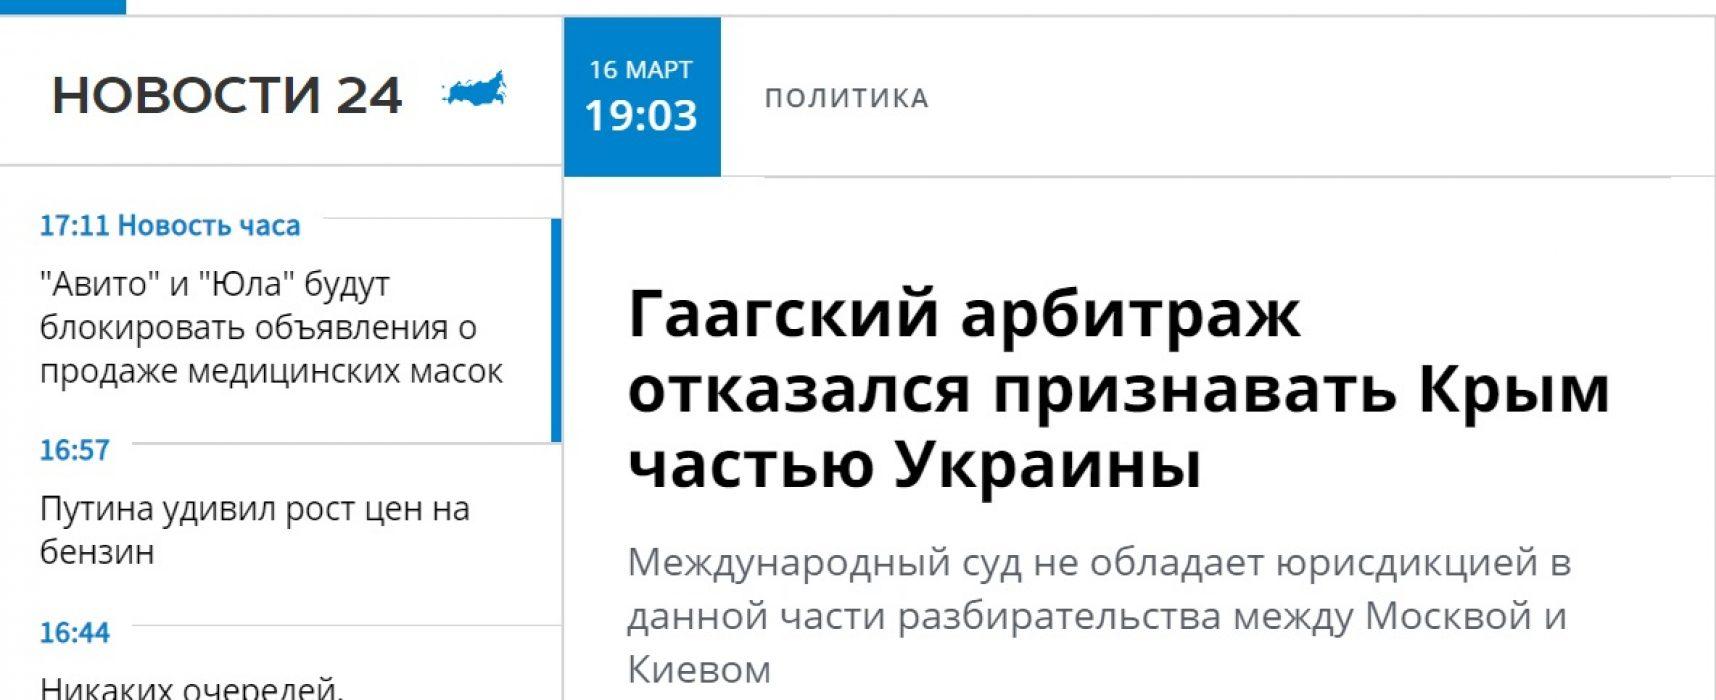 Манипуляция: в Гааге закрепили отсутствие прав Украины на Крым